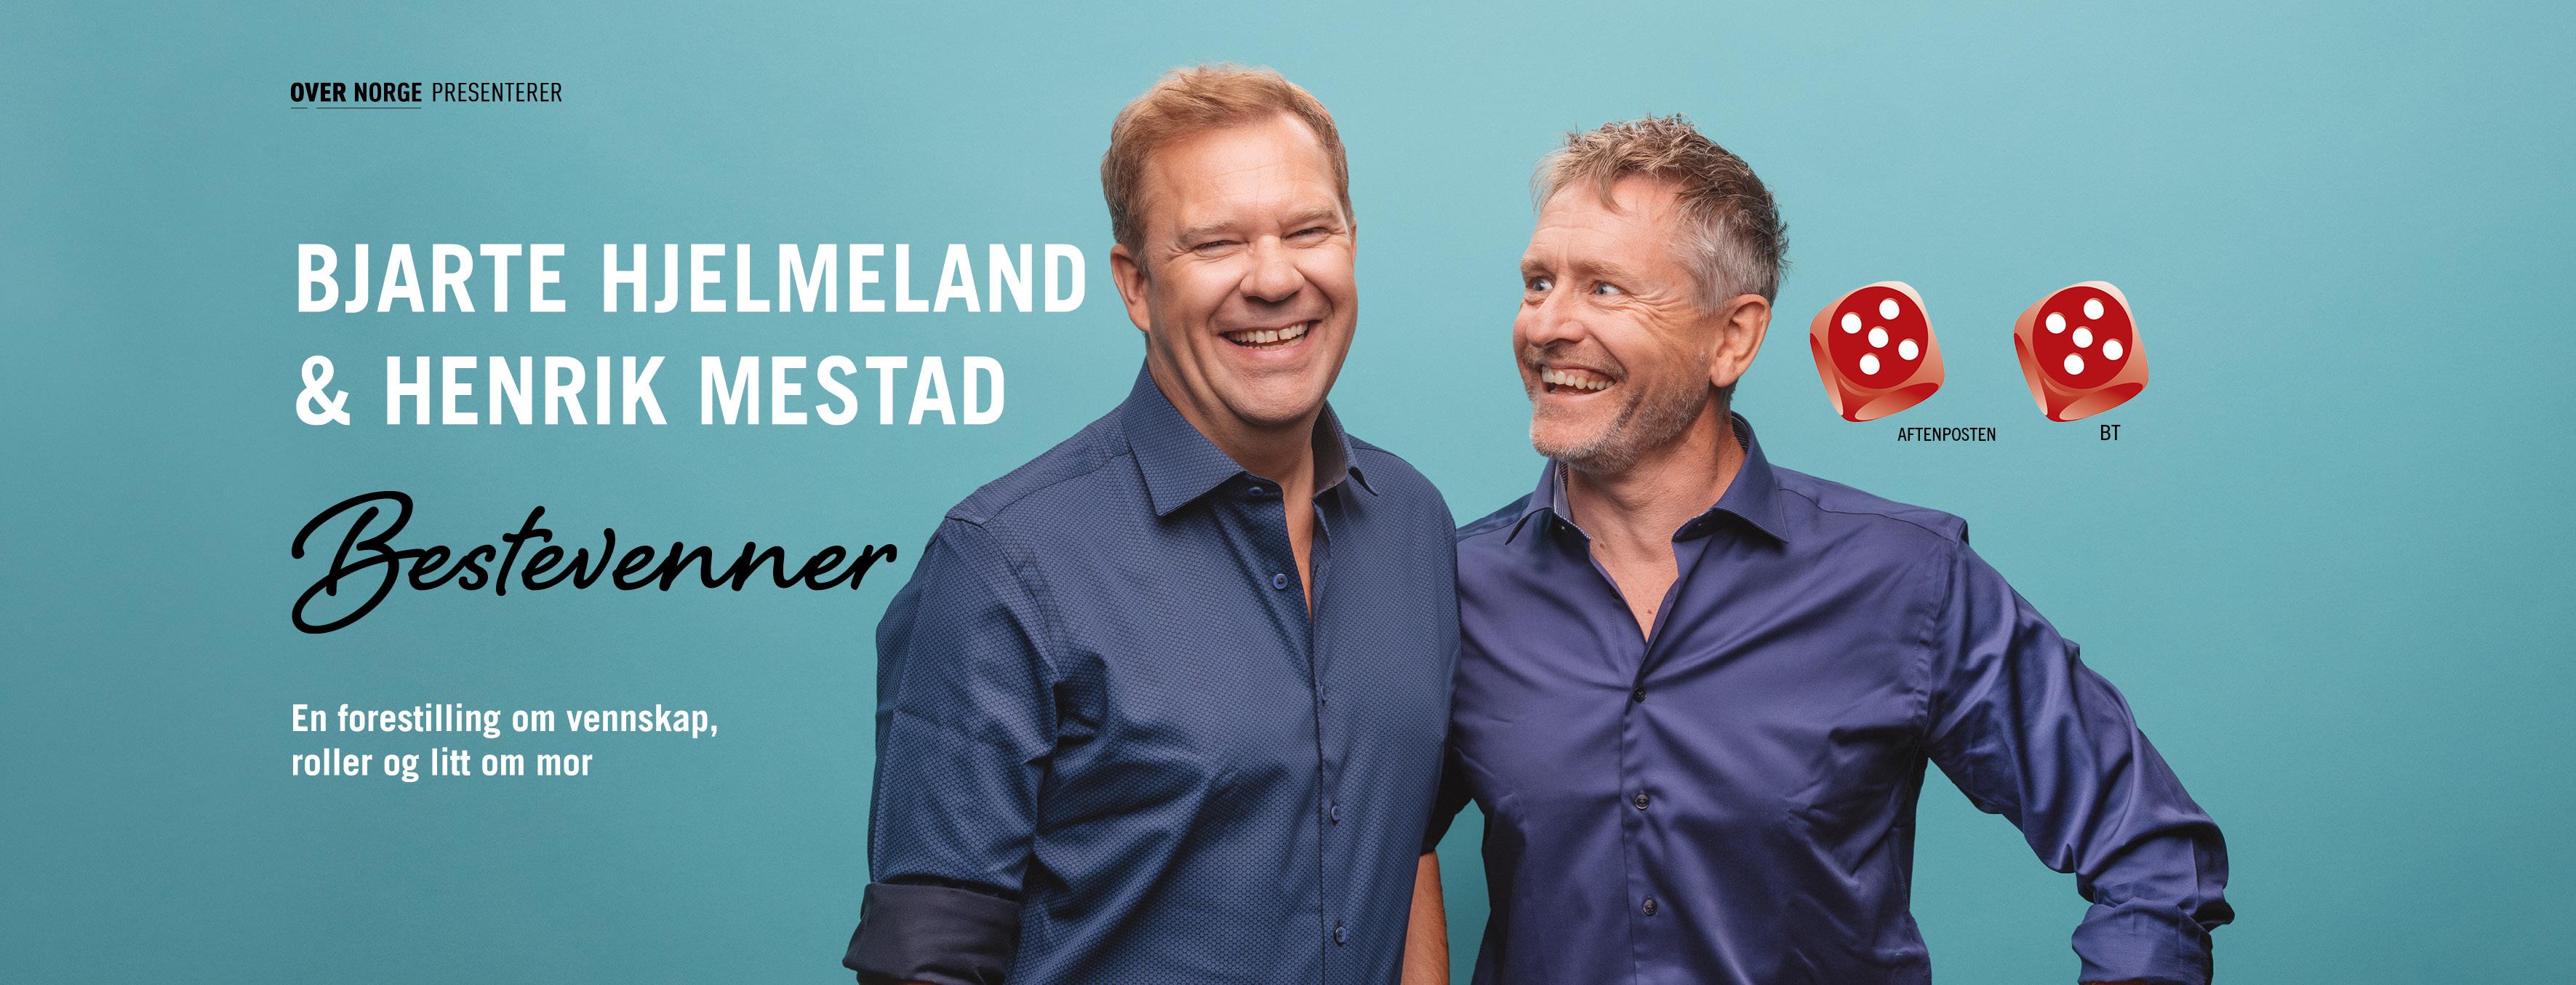 Bjarte-Hjelmeland-Henrik-Mestad-Bestevenner-edderkoppen-Scene-Oslo